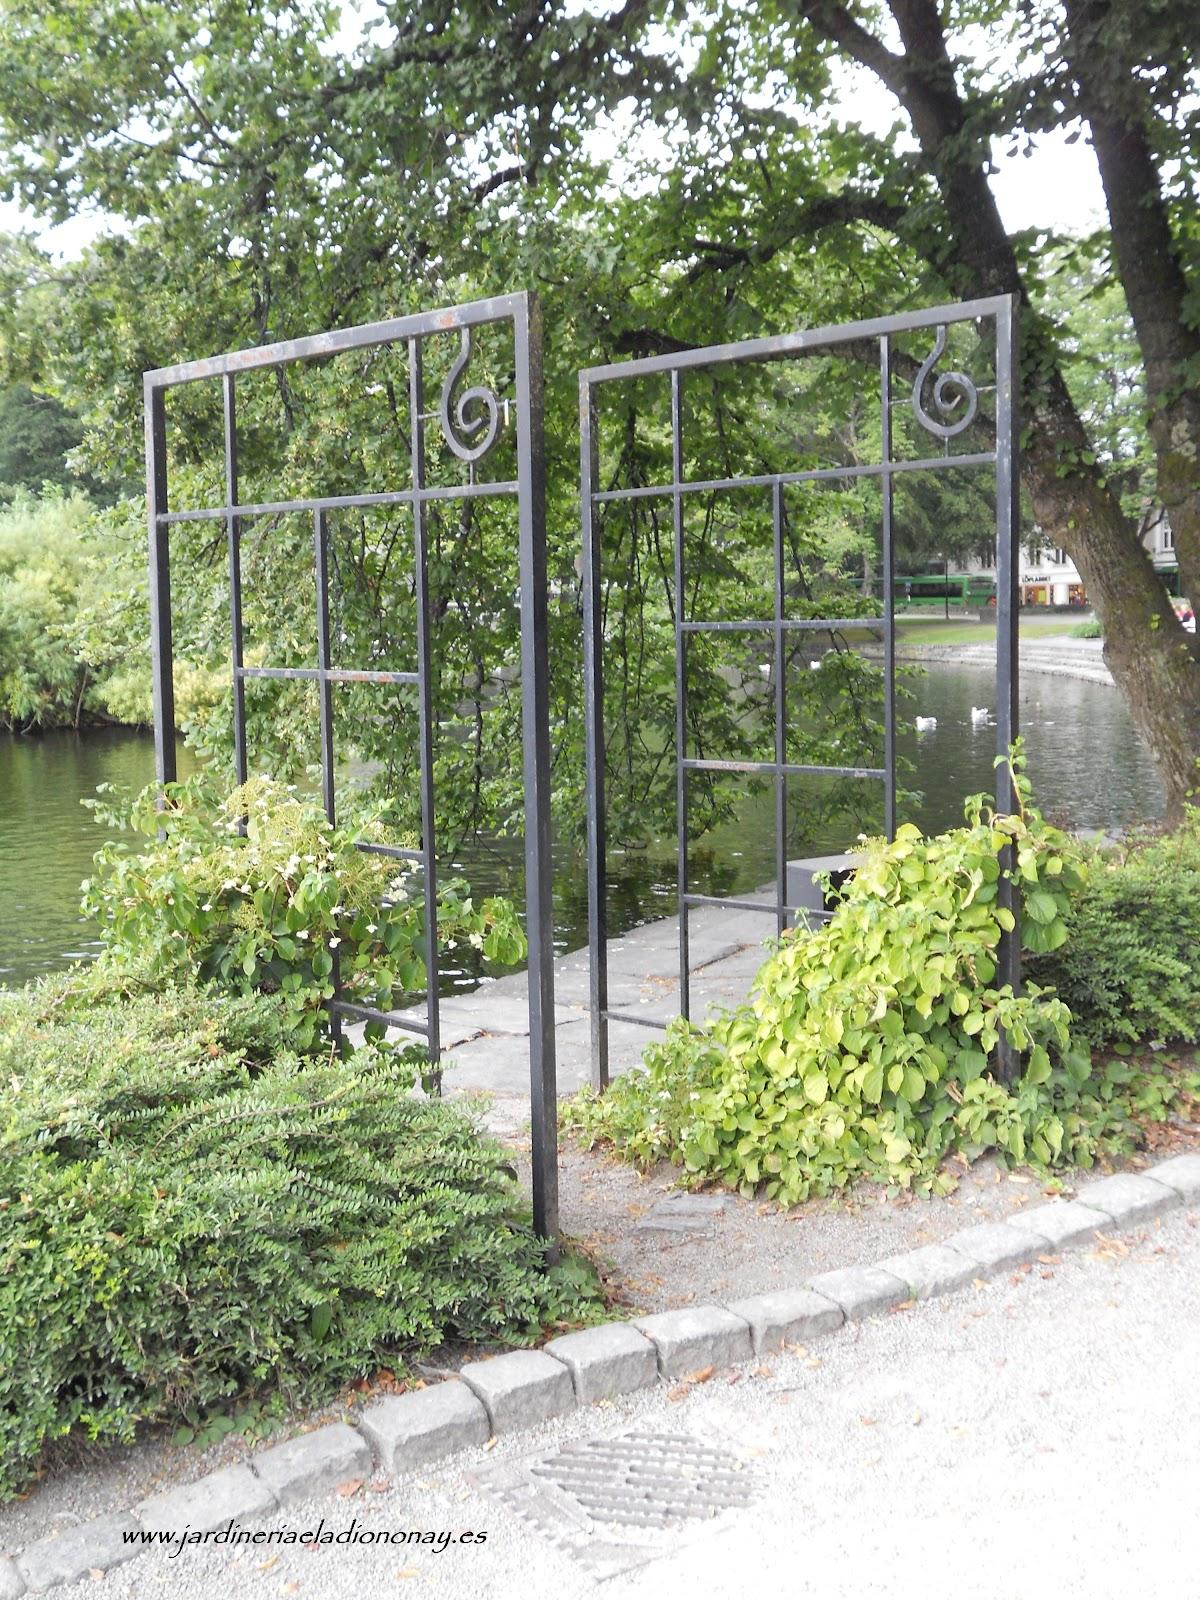 Jardineria eladio nonay separadores jardiner a eladio nonay - Jardineria eladio nonay ...